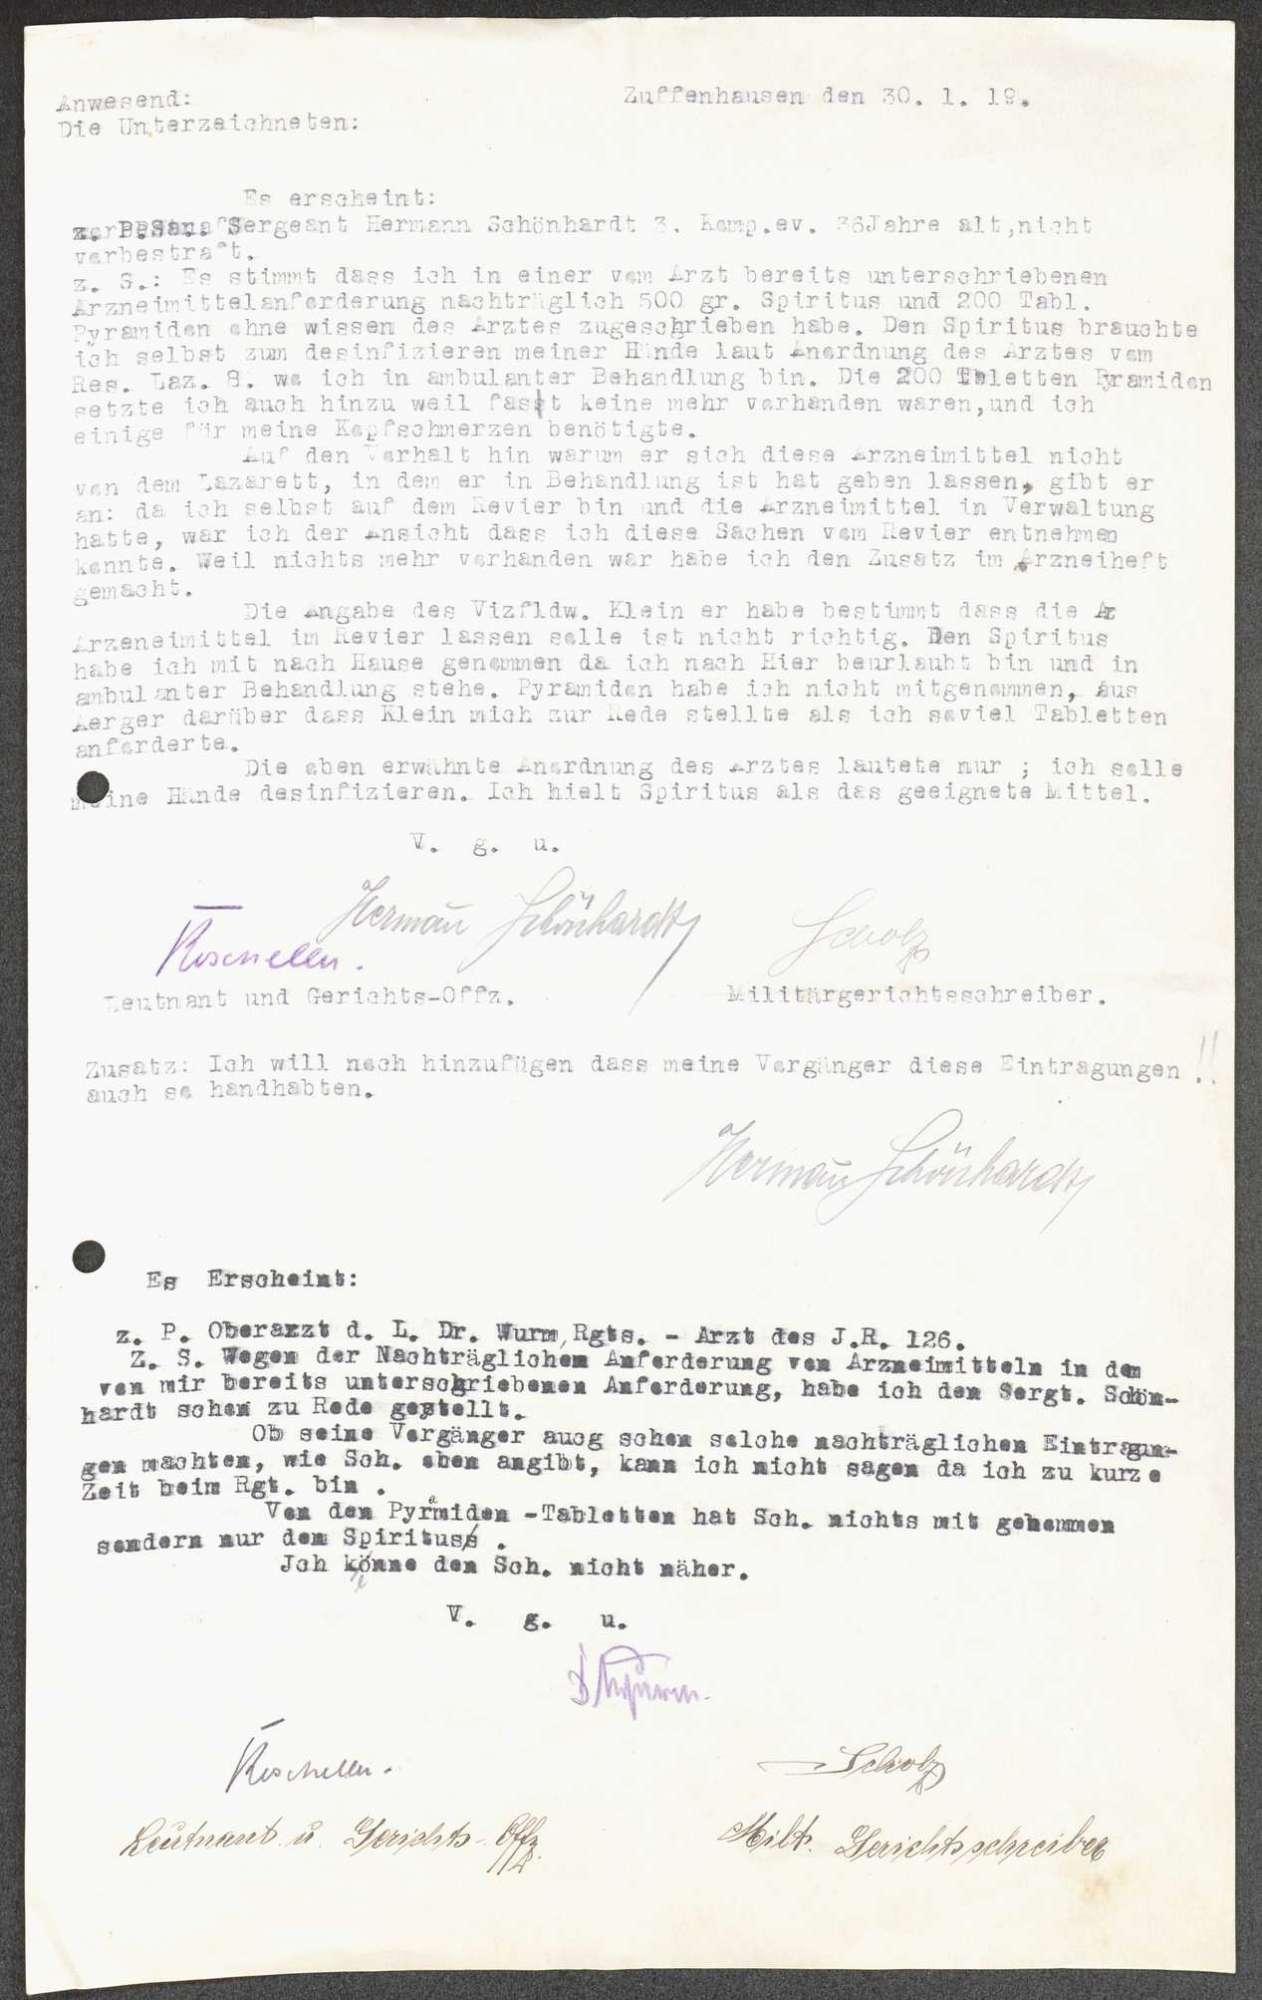 Anschuldigung eines Sanitätssergeanten und Missbilligung der Beförderung eines weiteren Sanitätssergeanten durch das Sanitätspersonal des Infanterie-Regiments Nr. 126, Bild 3